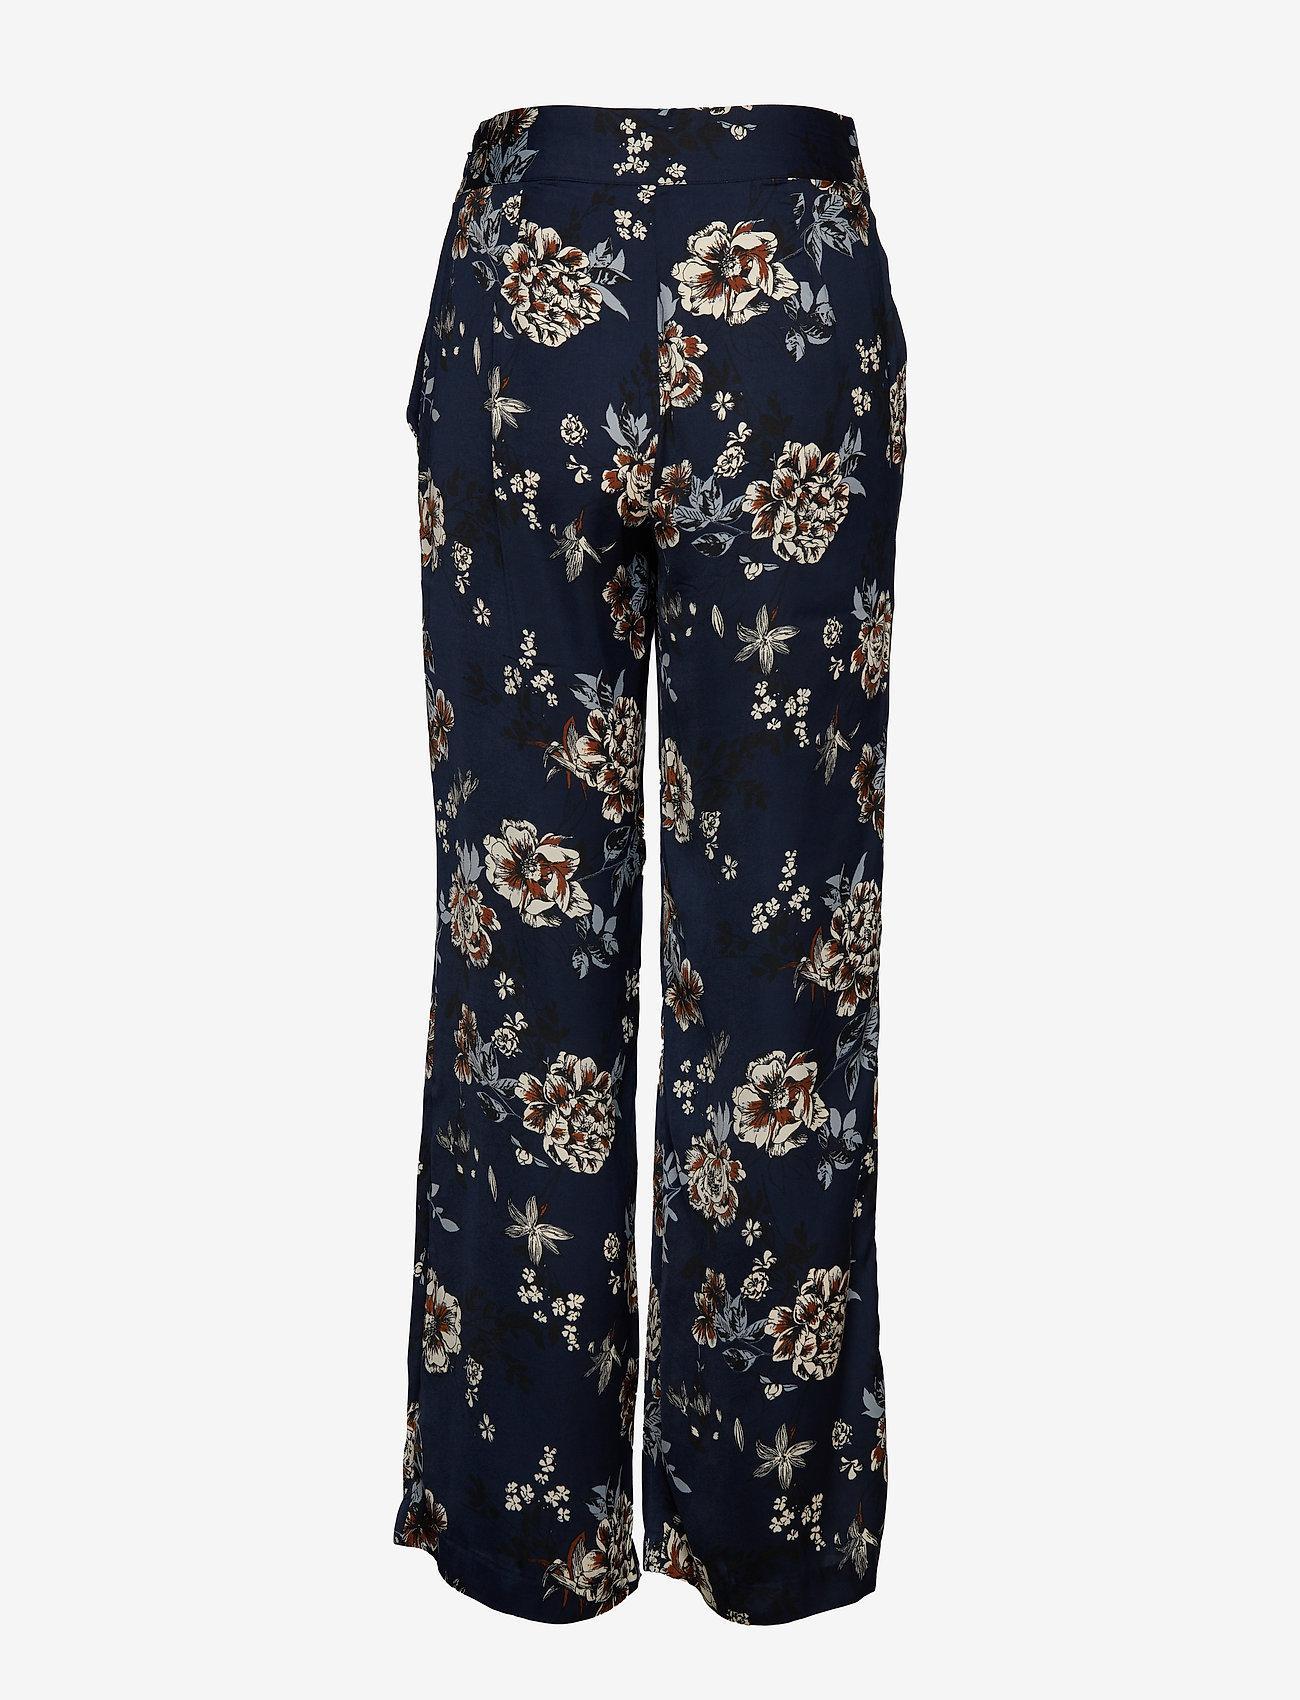 Rosemunde - Trousers - bukser med brede ben - blue blossom print - 1